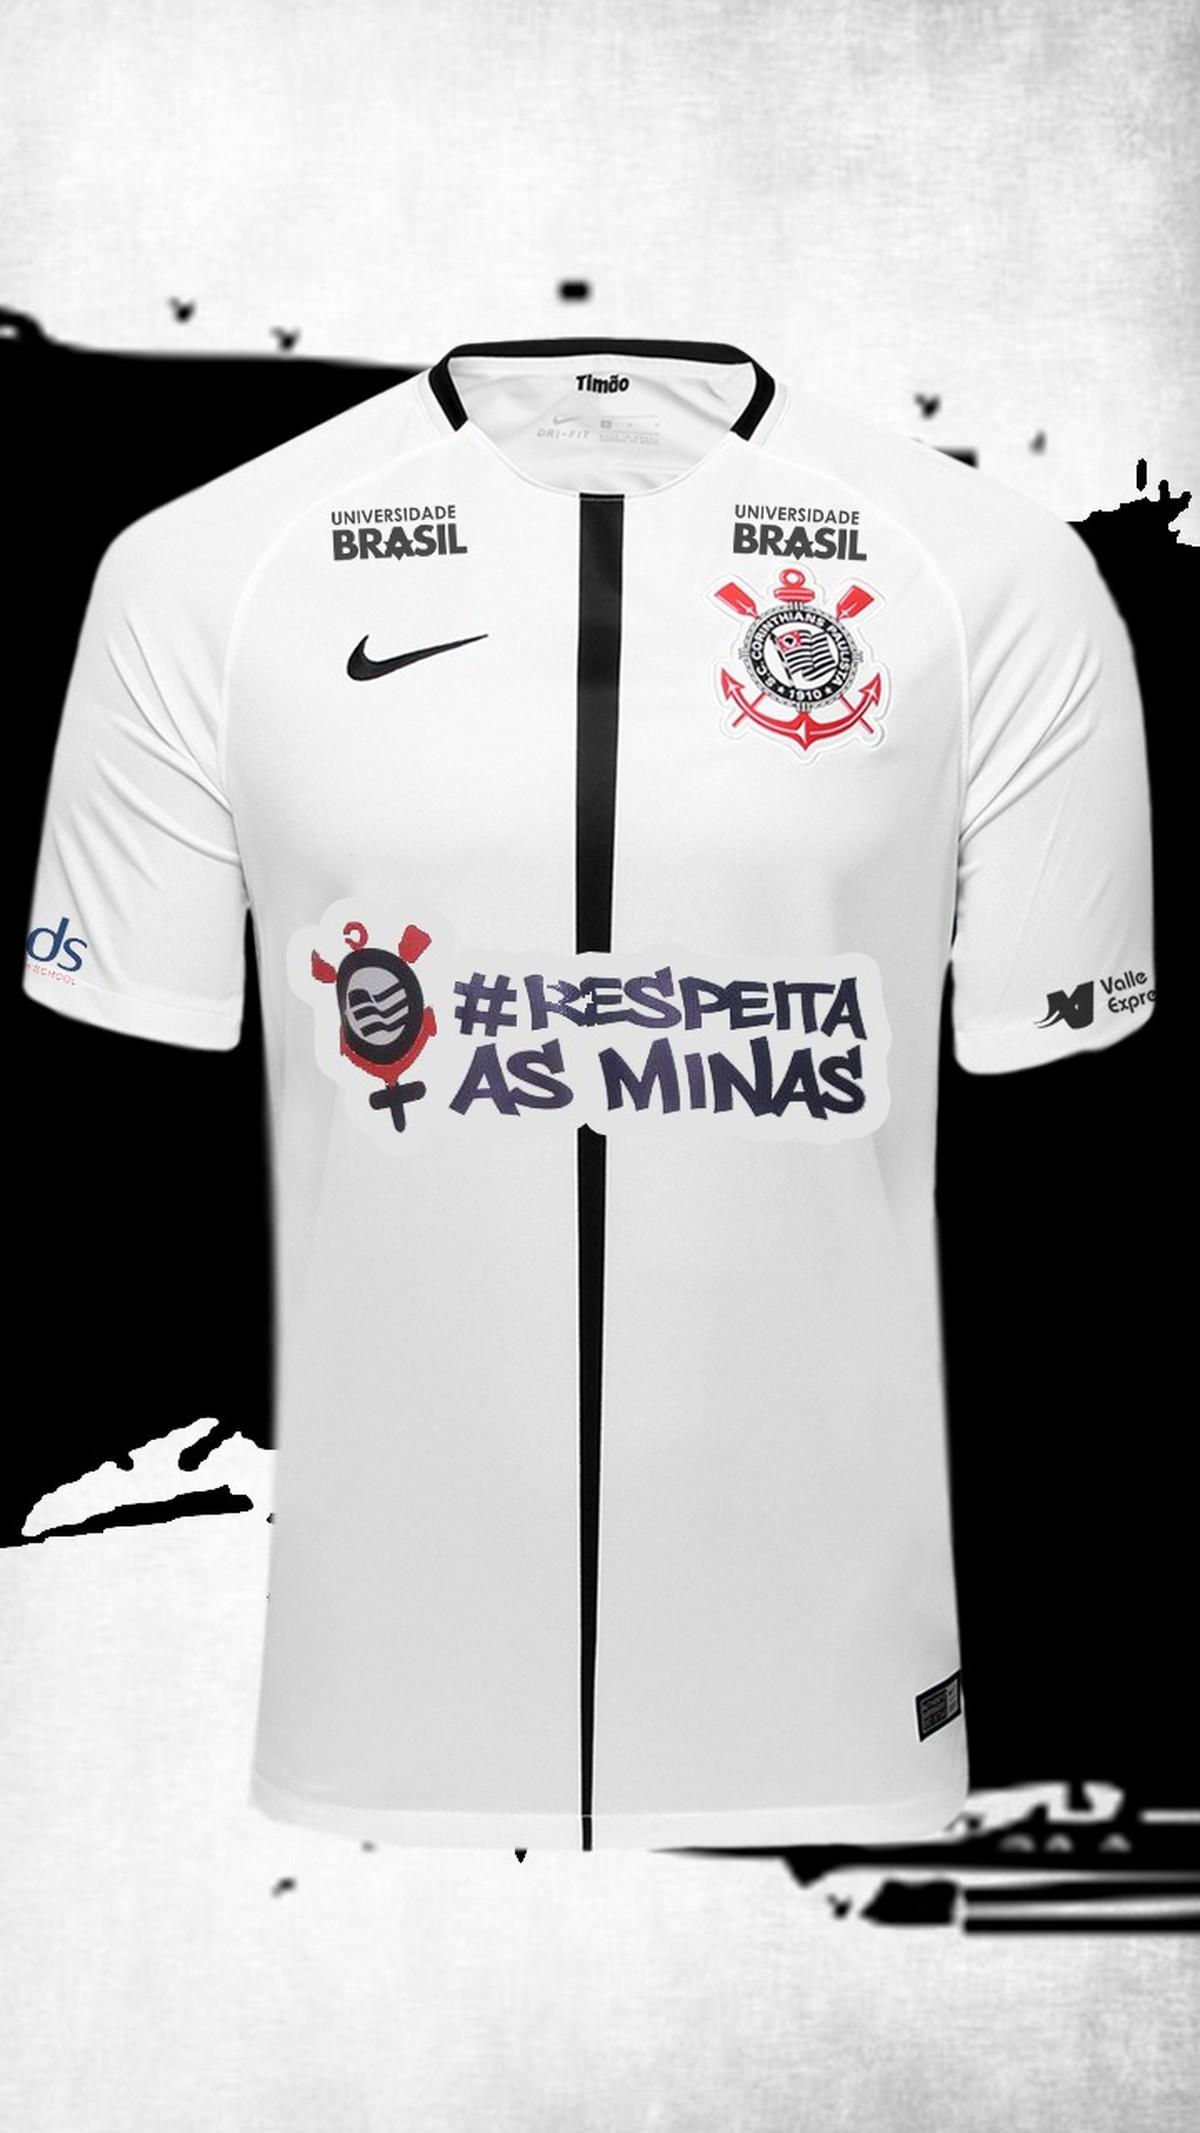 Corinthians faz ação pelo Dia da Mulher e estampará  RespeitaAsMinas na  camisa  1738bea07d723